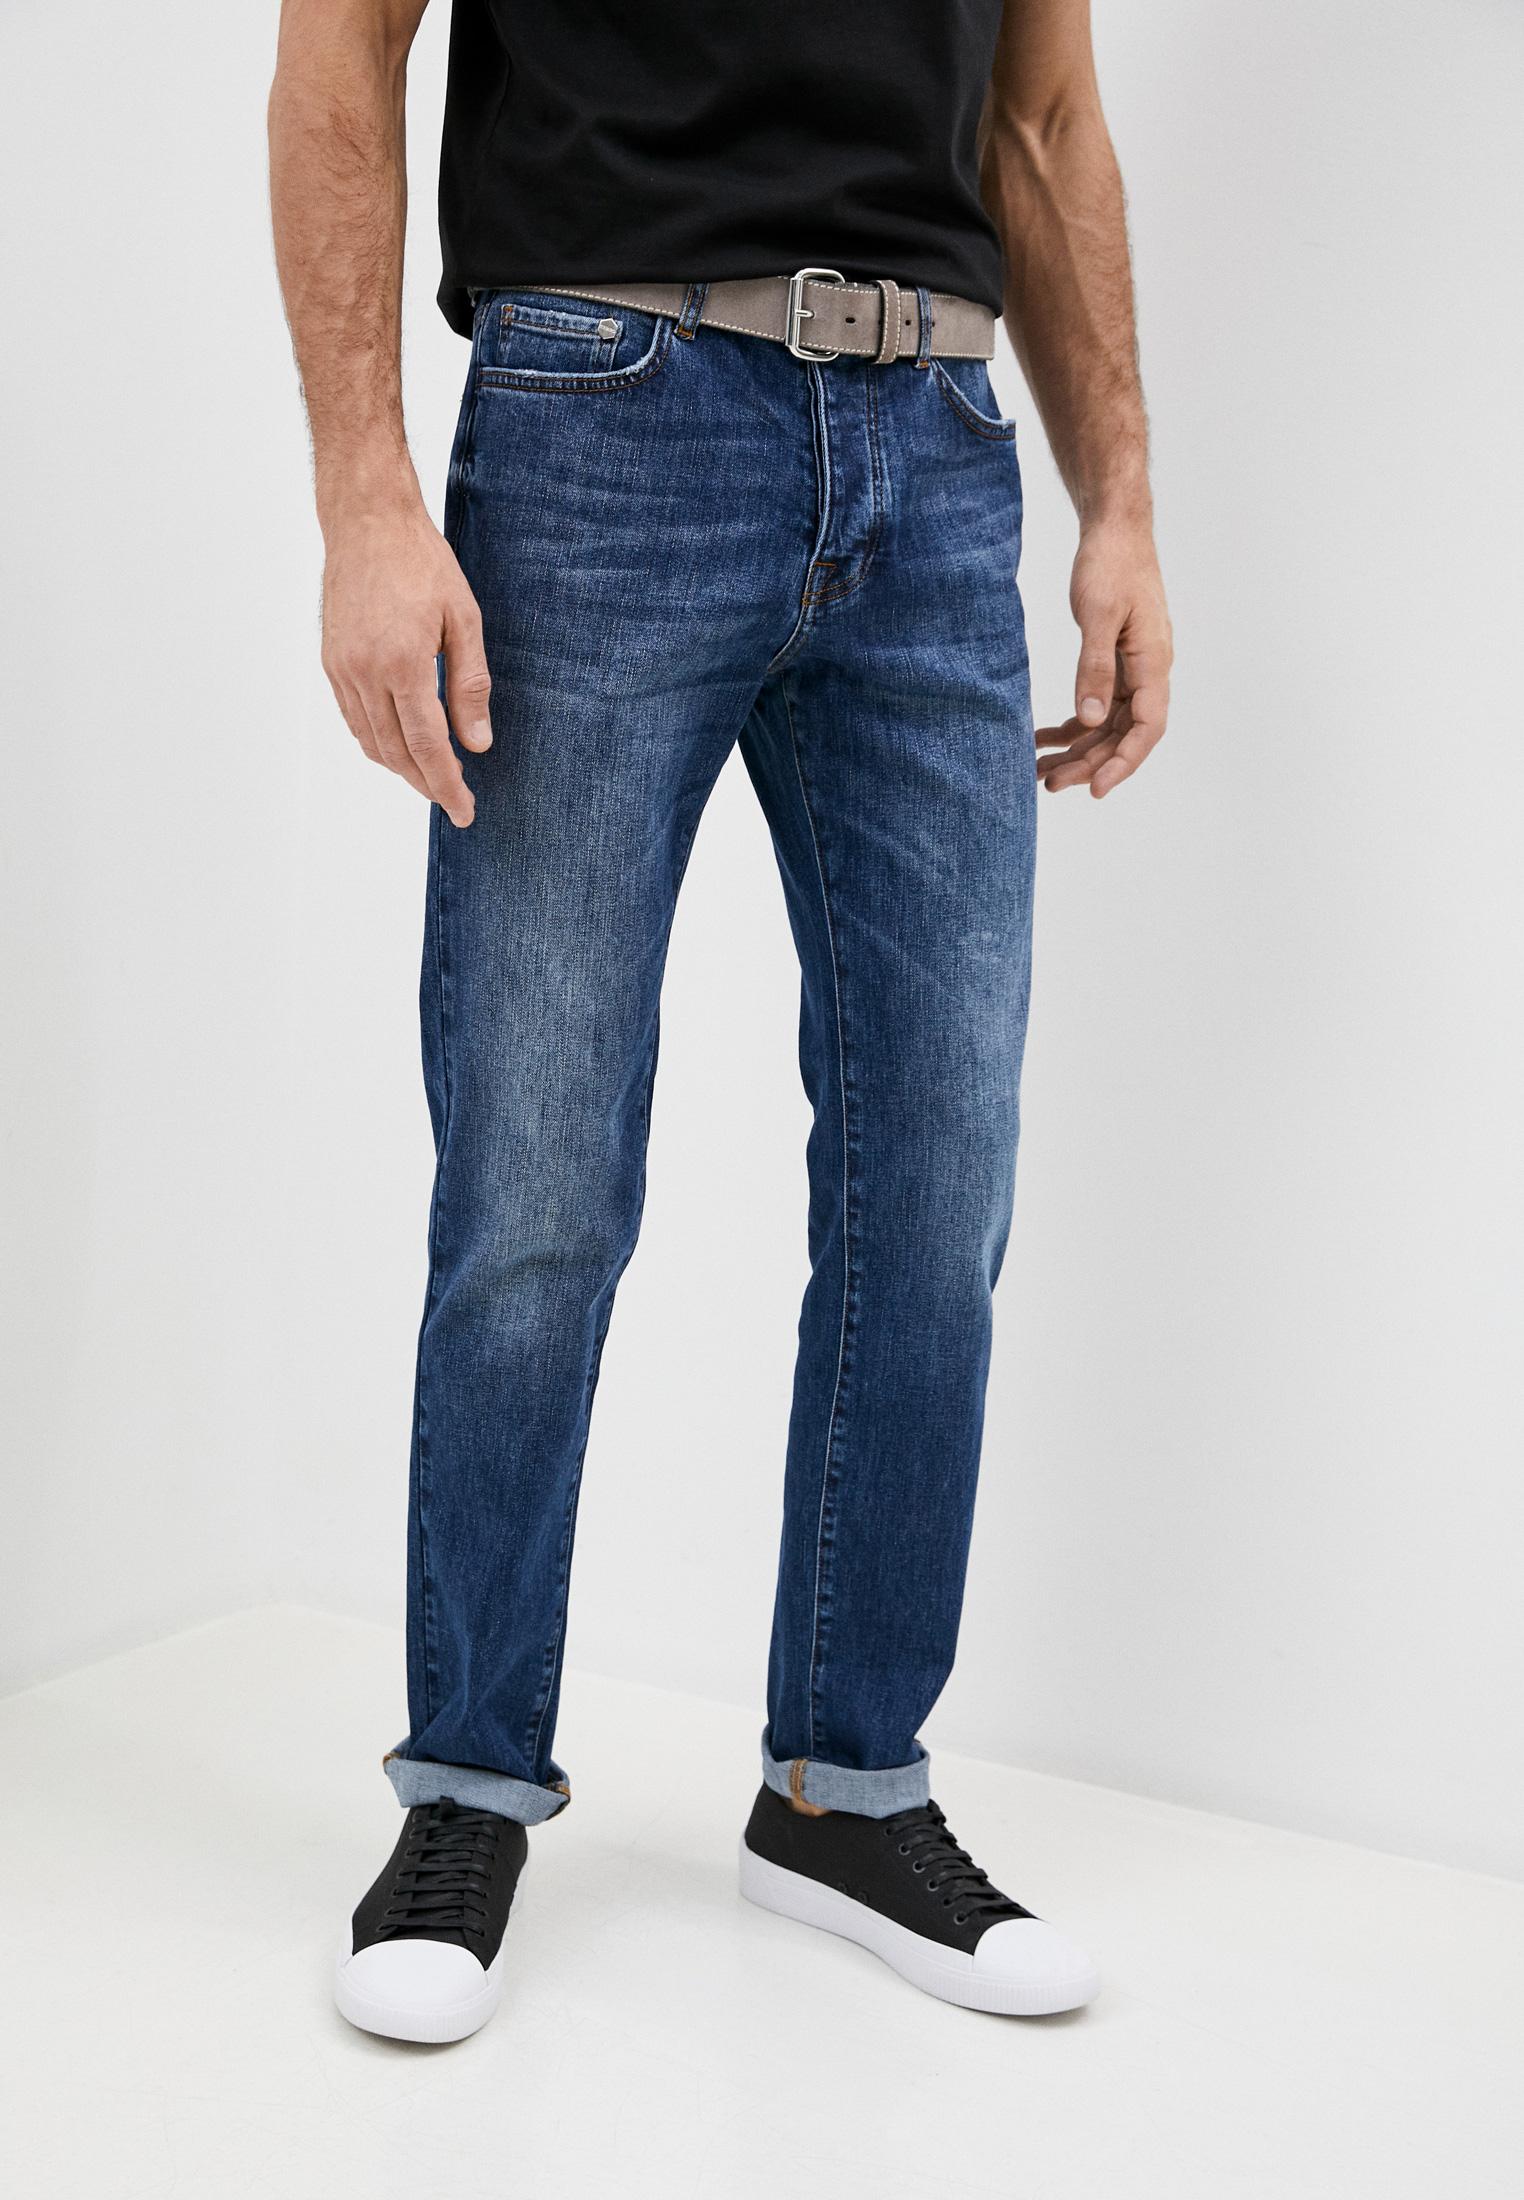 Мужские прямые джинсы Iceberg (Айсберг) I1P2802 6004